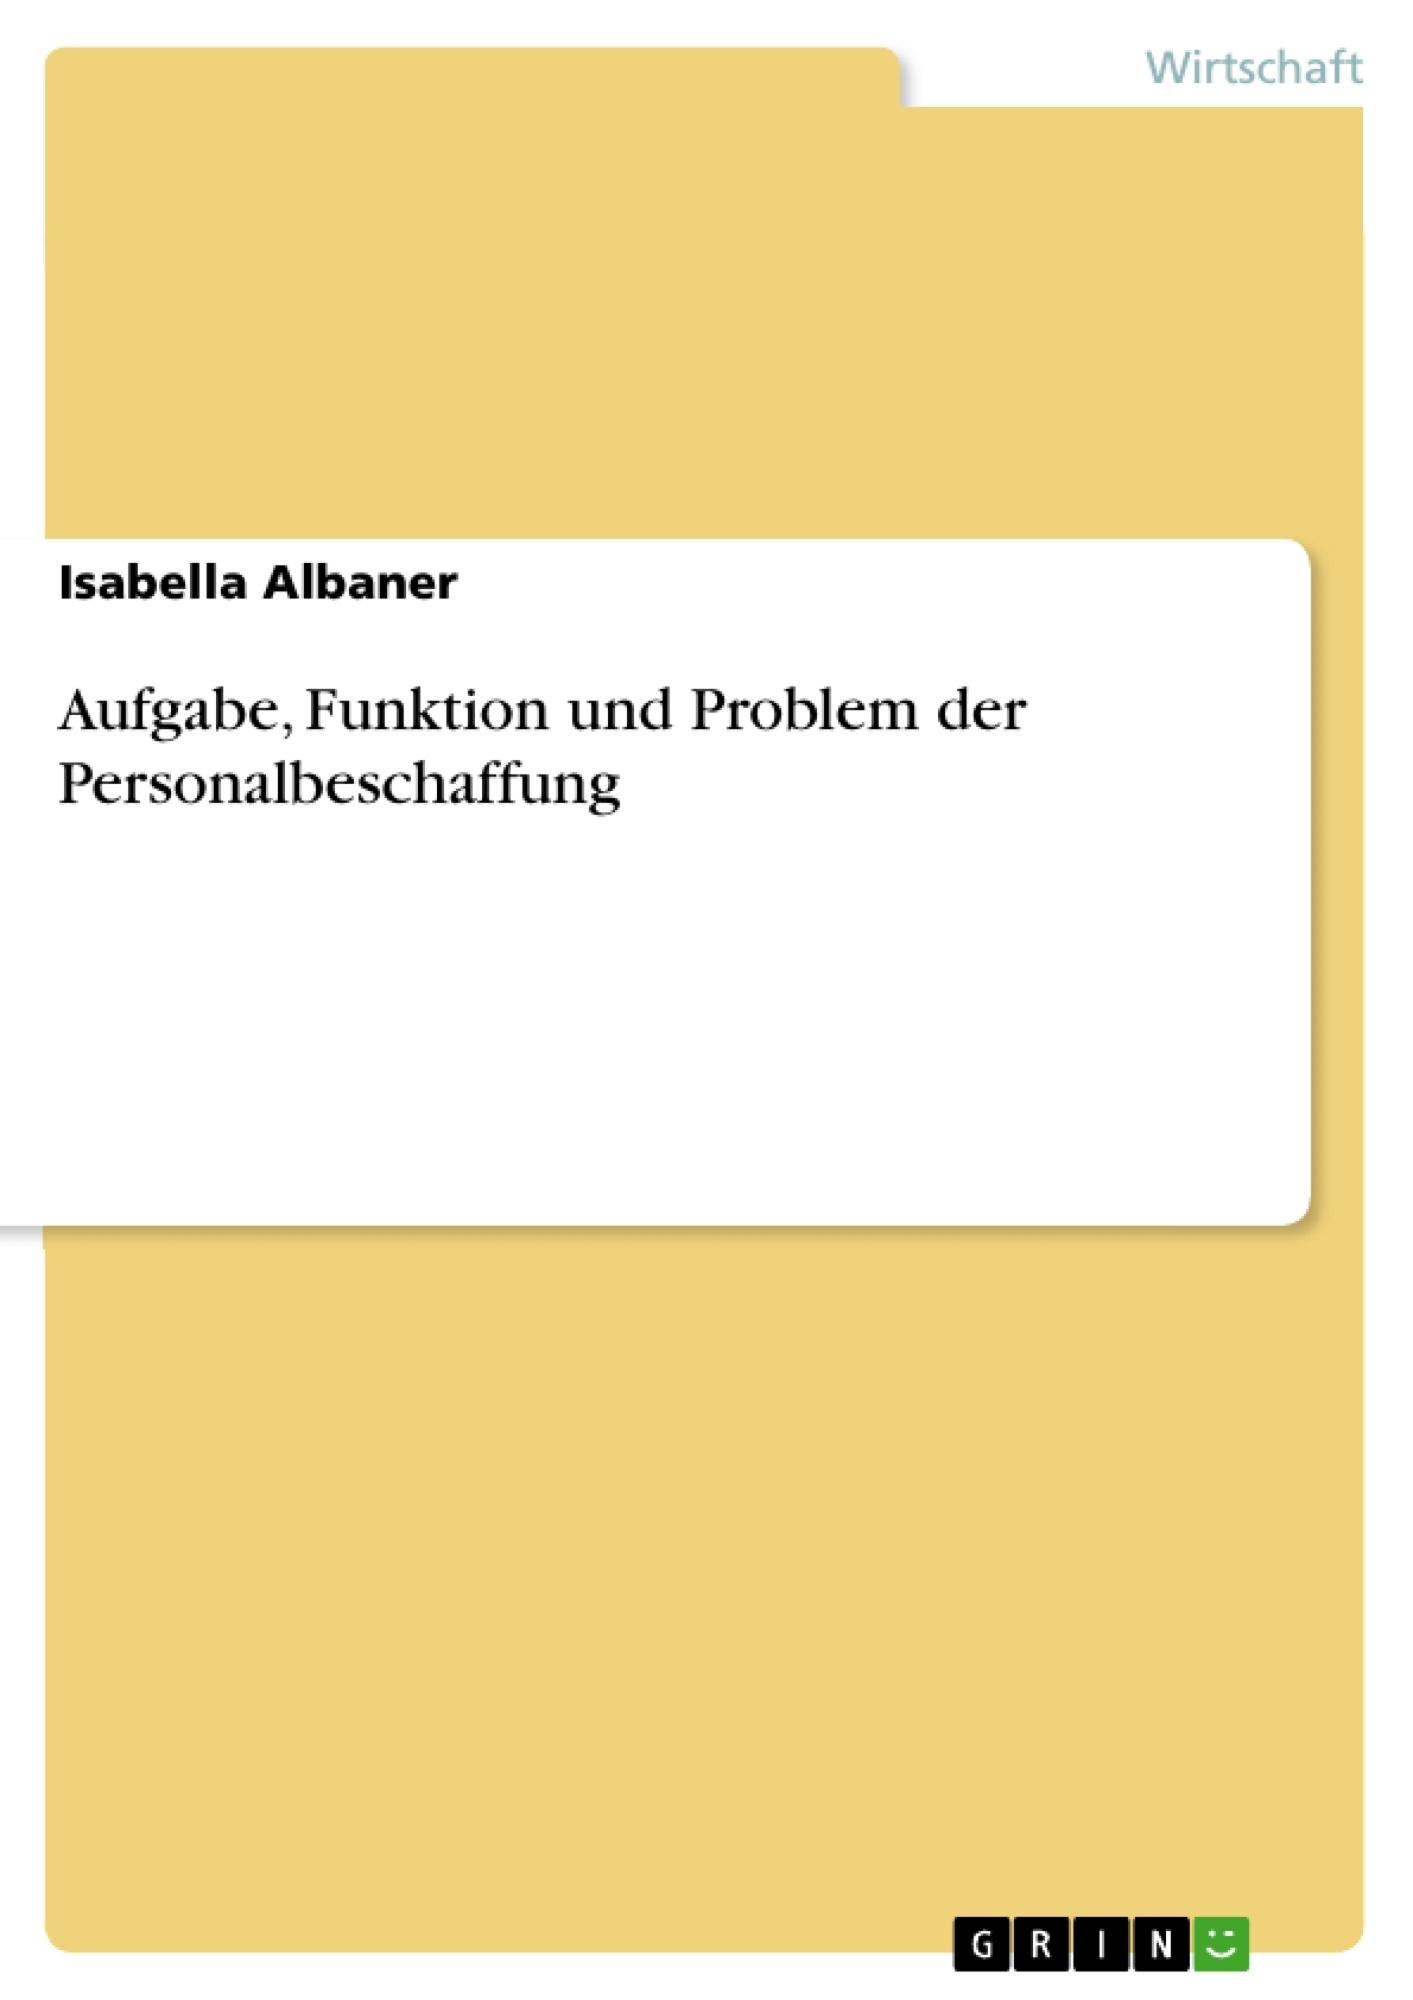 Titel: Aufgabe, Funktion und Problem der Personalbeschaffung